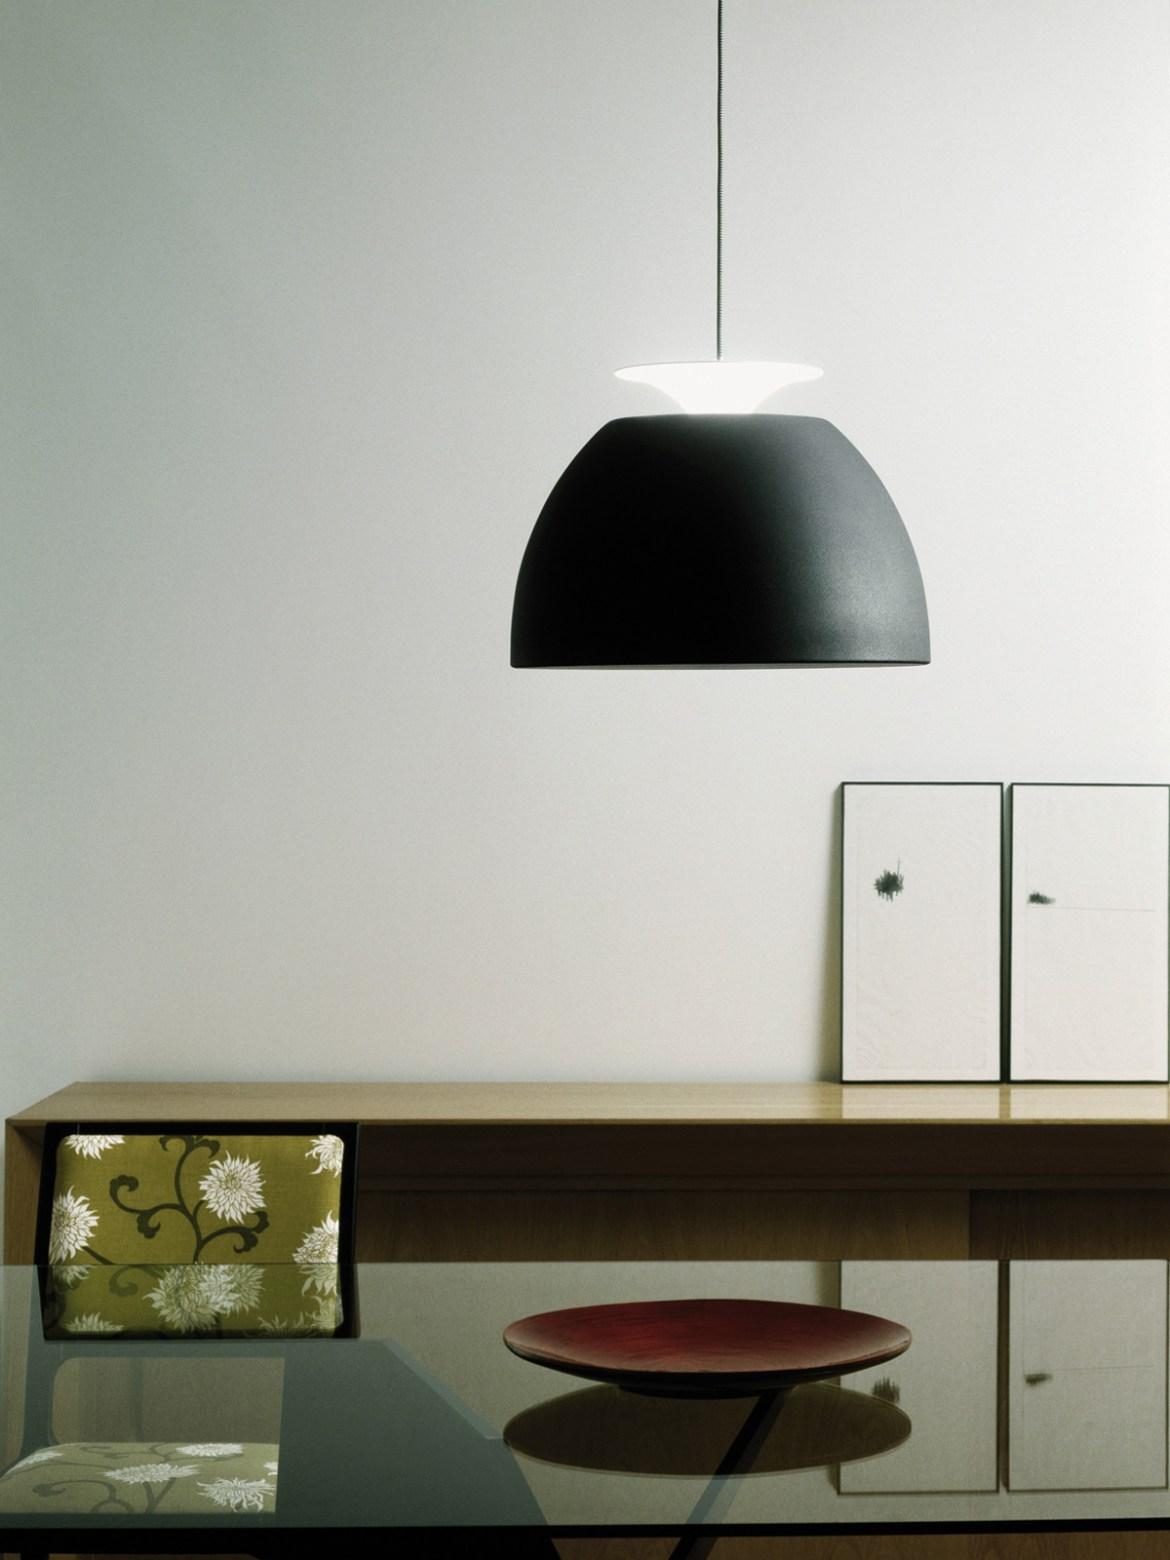 DesignOrt Blog: Designerleuchten in Schwarz-Weiß Bossa Designerleuchte Lumini